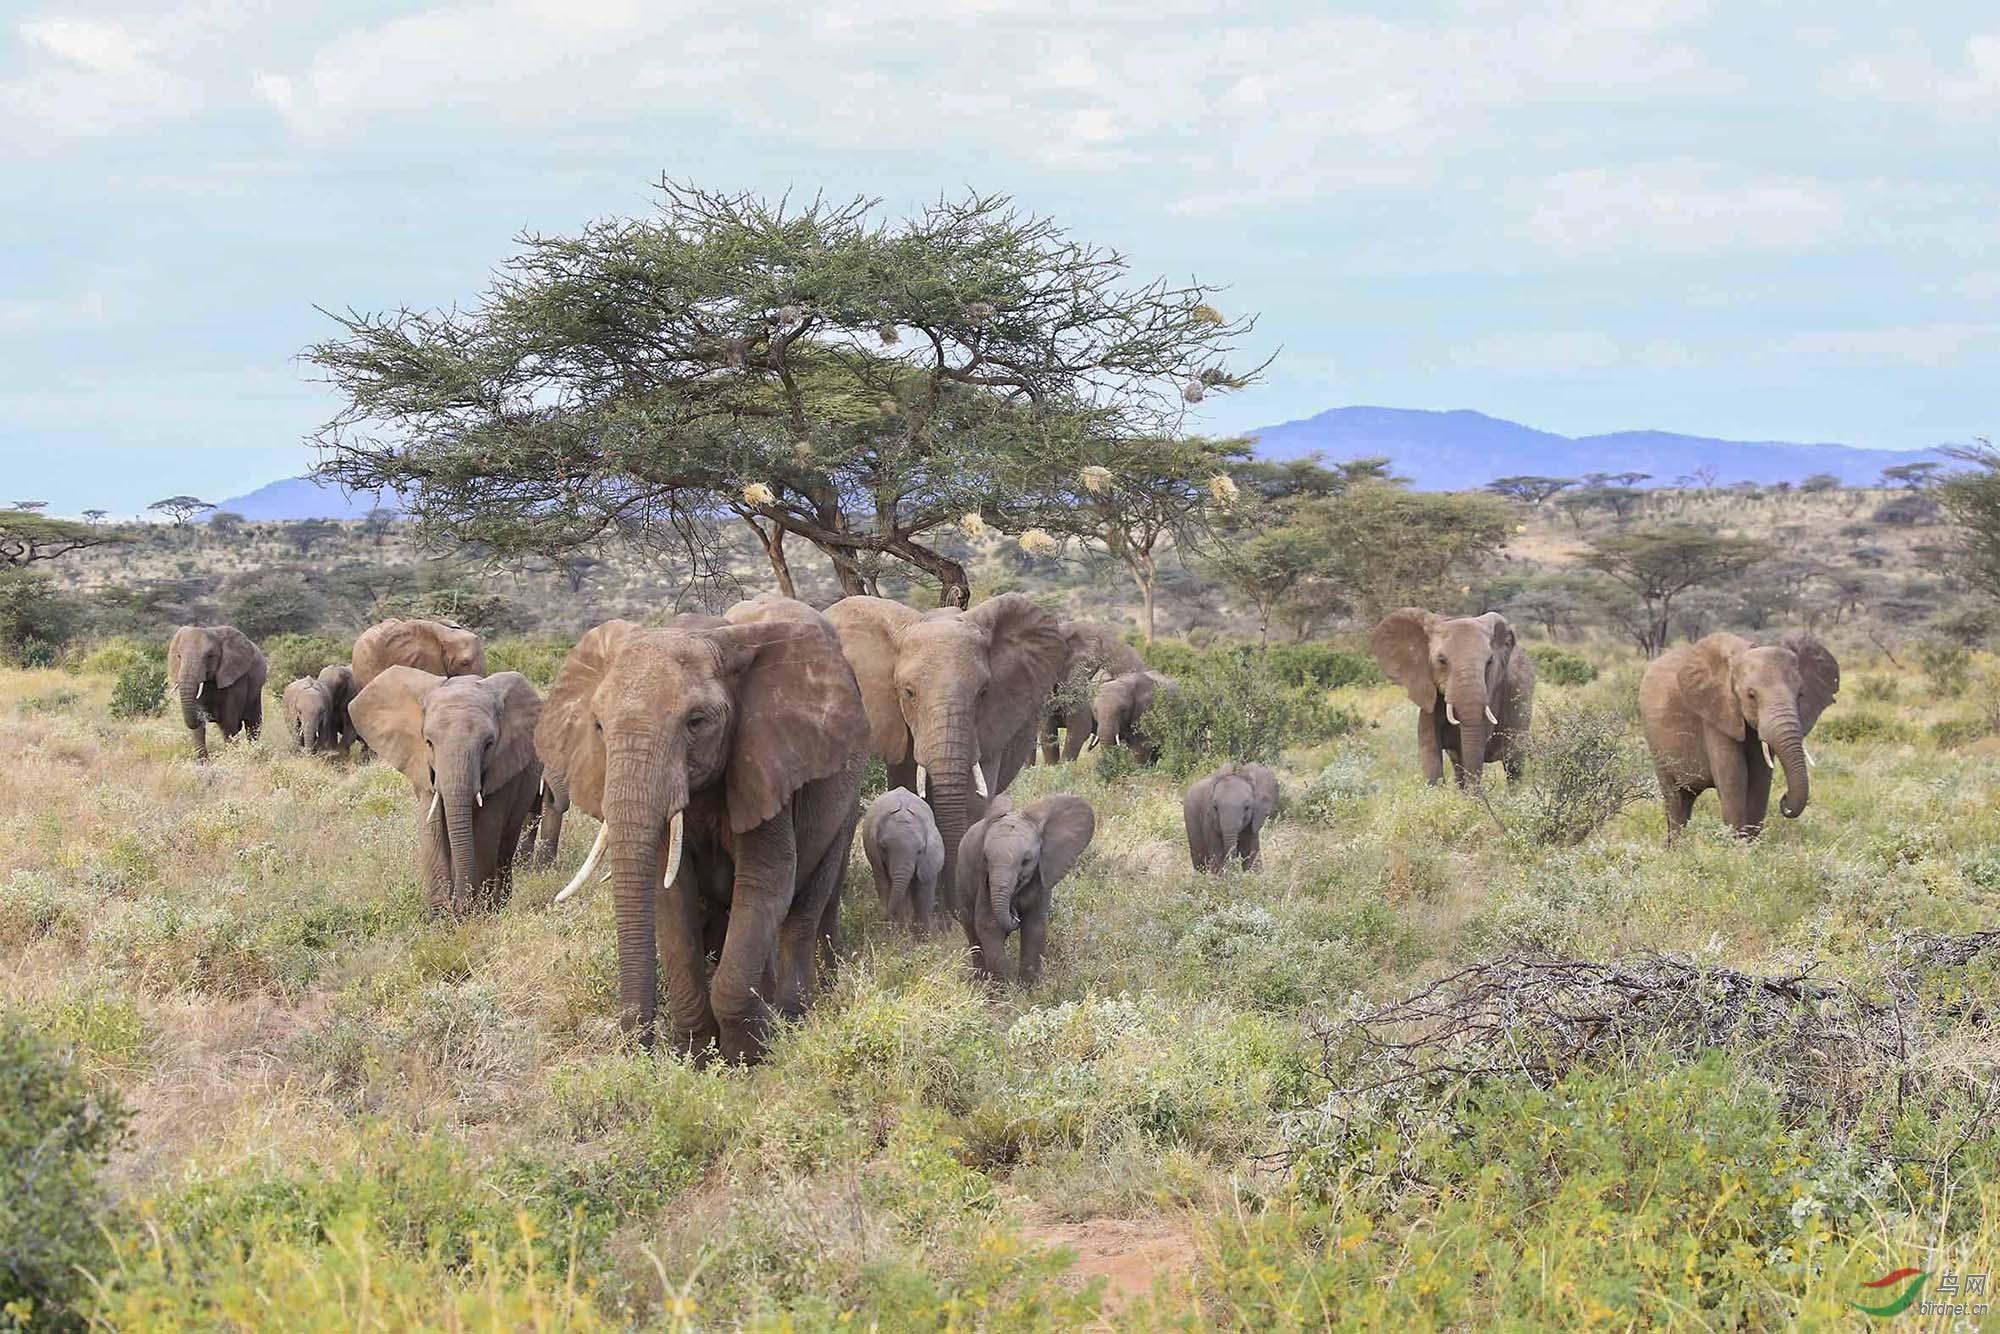 非洲大象【摄于肯尼亚】.jpg